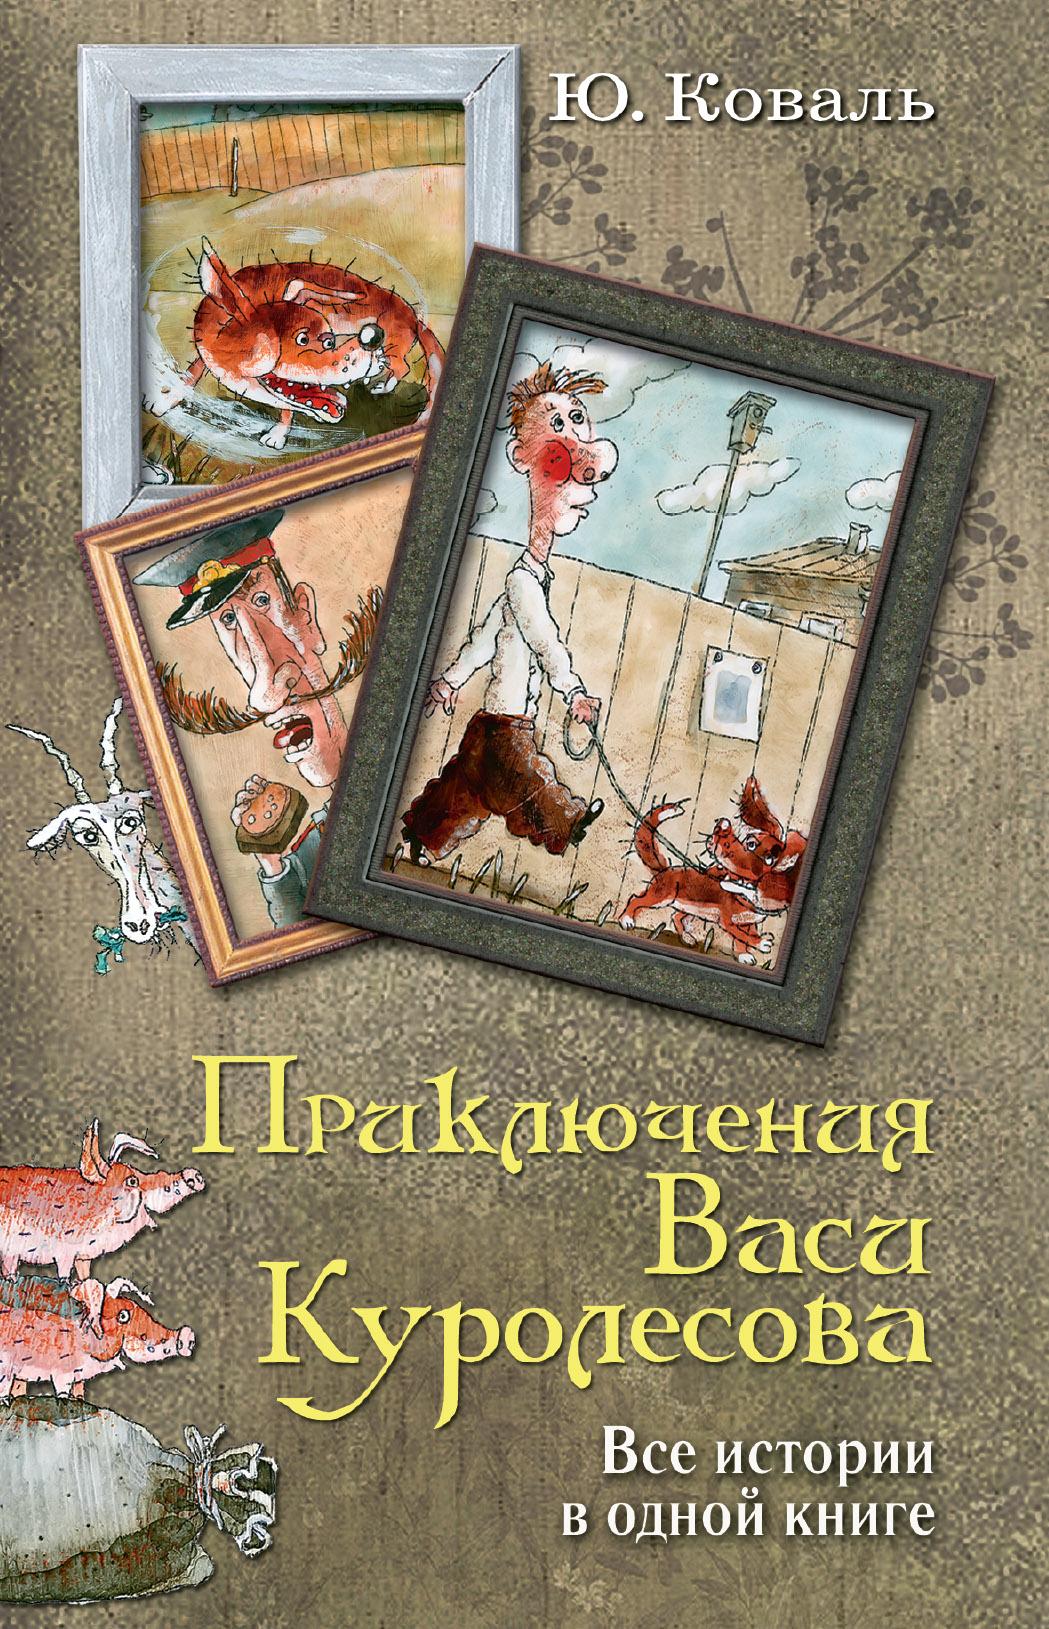 9785171015893 - Юрий Коваль: Приключения Васи Куролесова. Все истории в одной книге - Книга